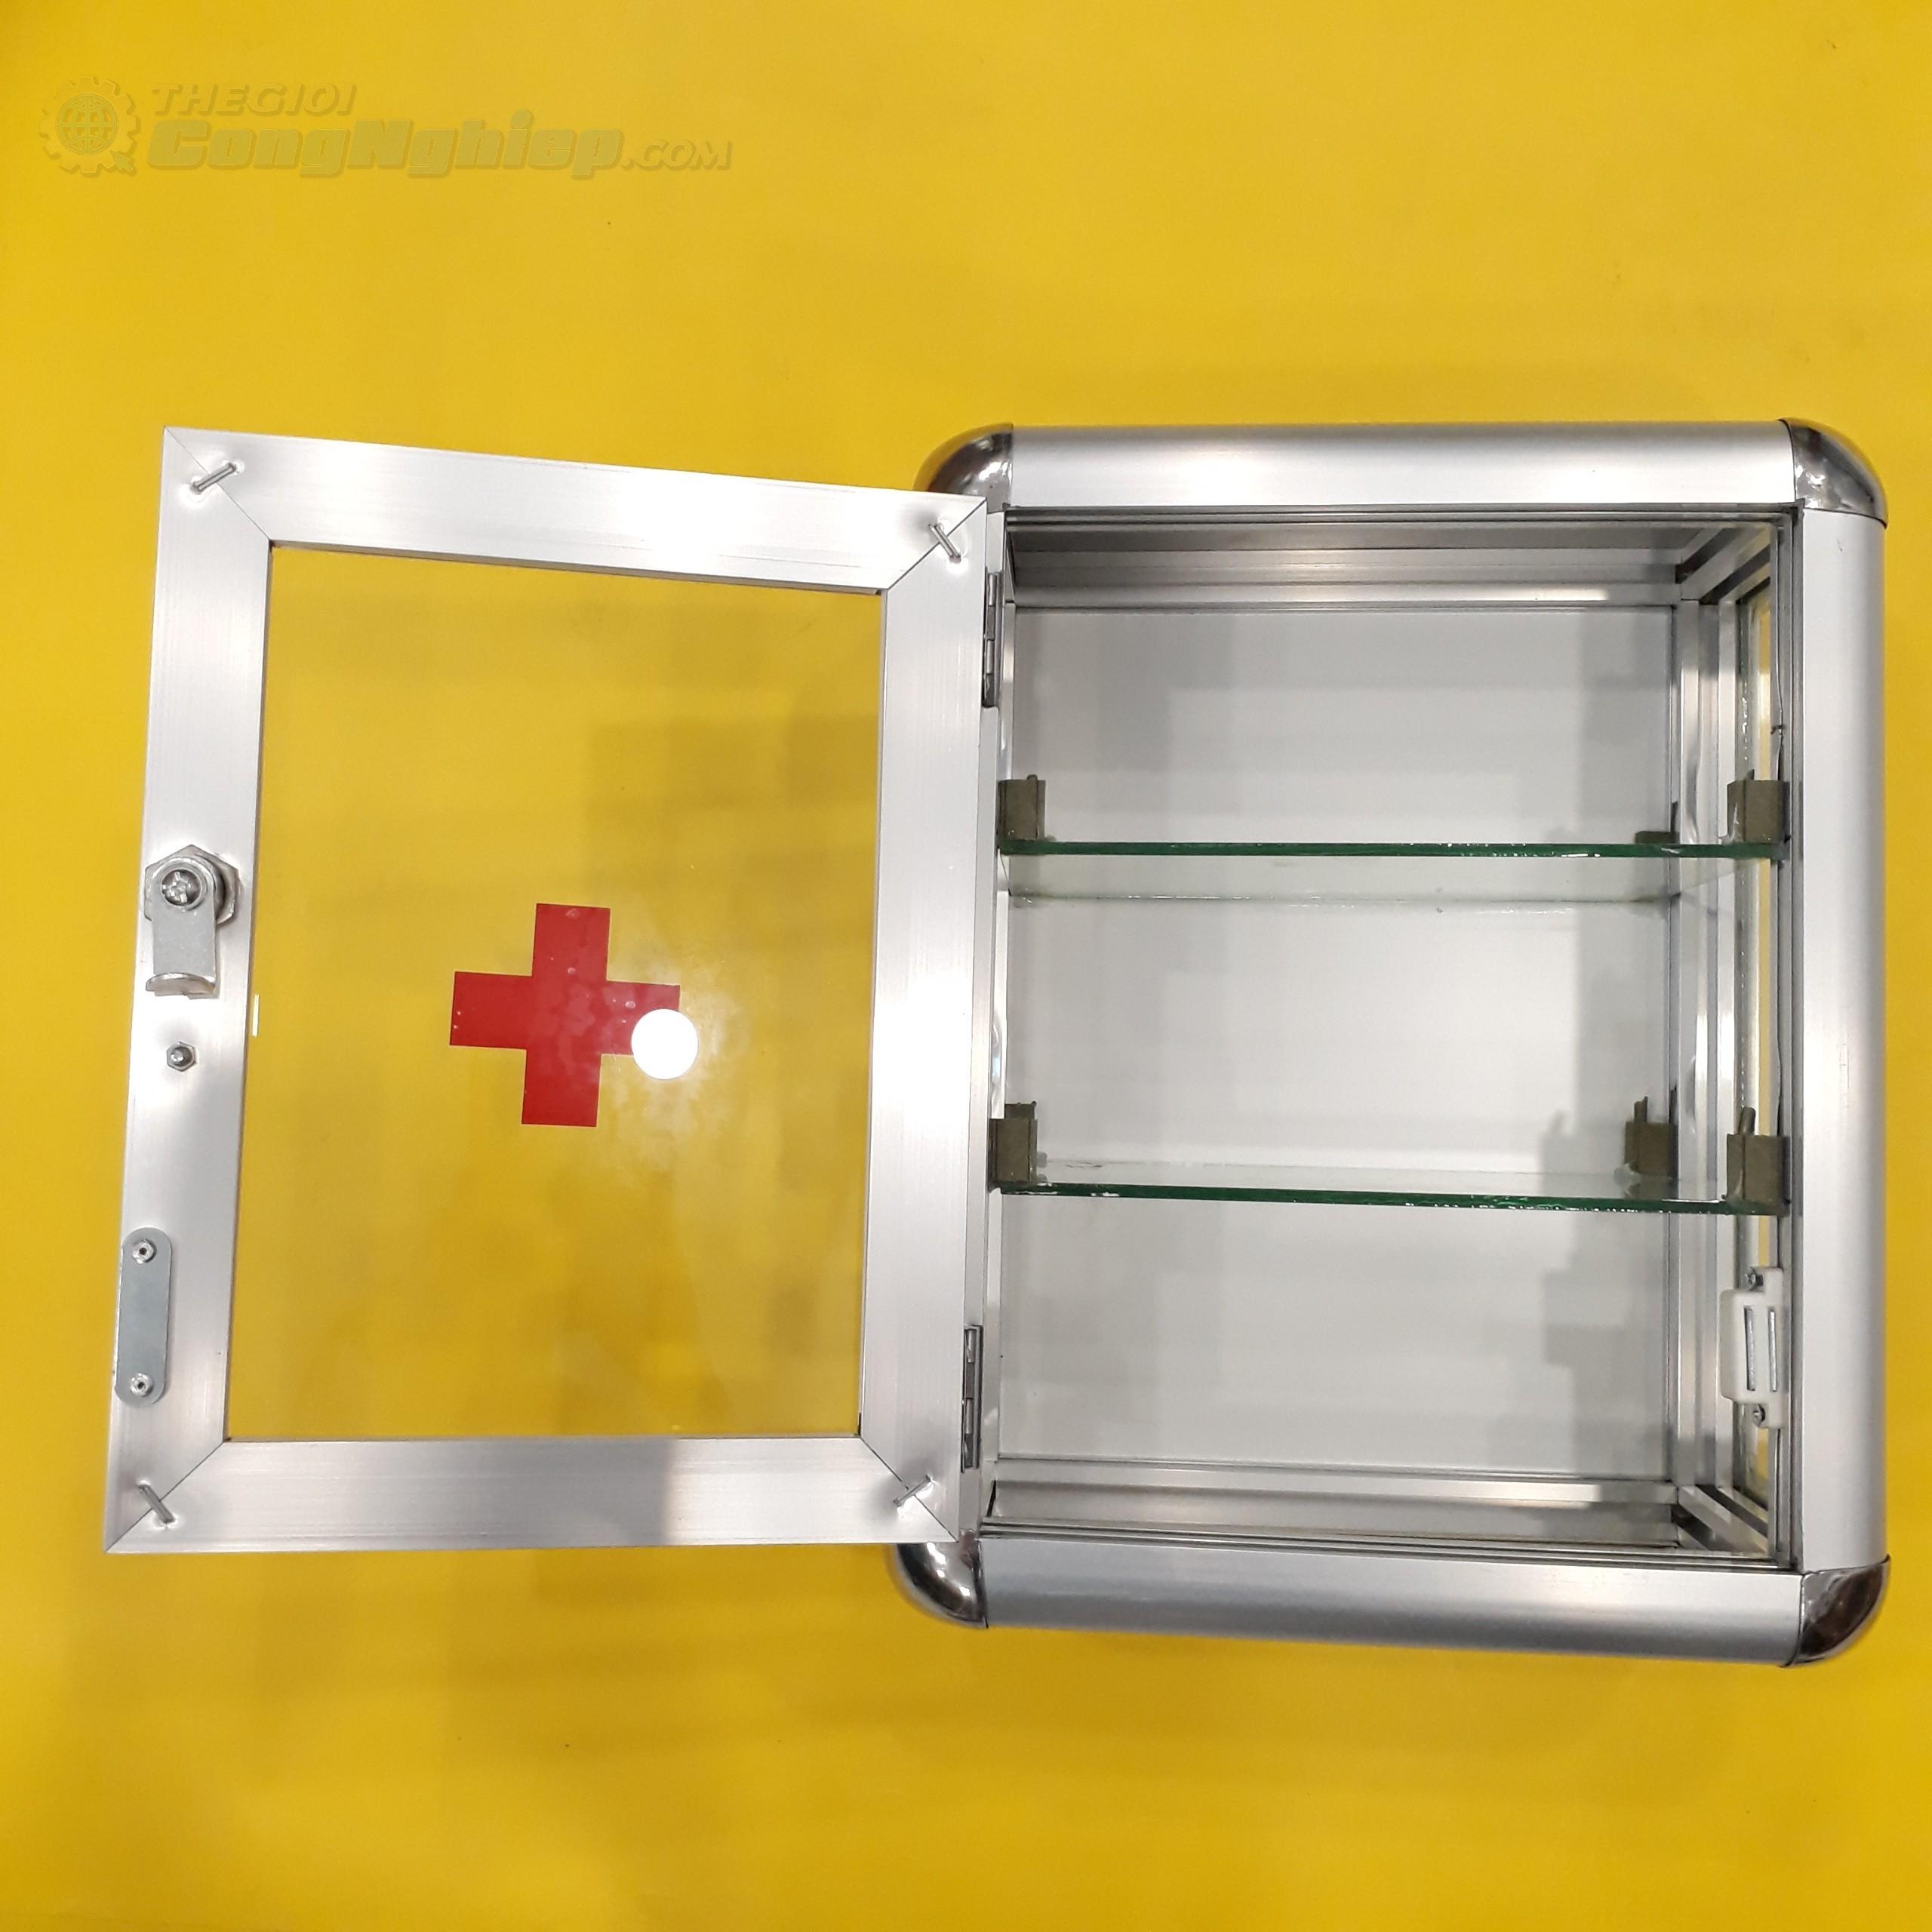 Tủ thuốc y tế hợp kim nhôm cao 35cm x ngang 28cm x hông 15cm, loại B1  TGCN-50208 Vietnam